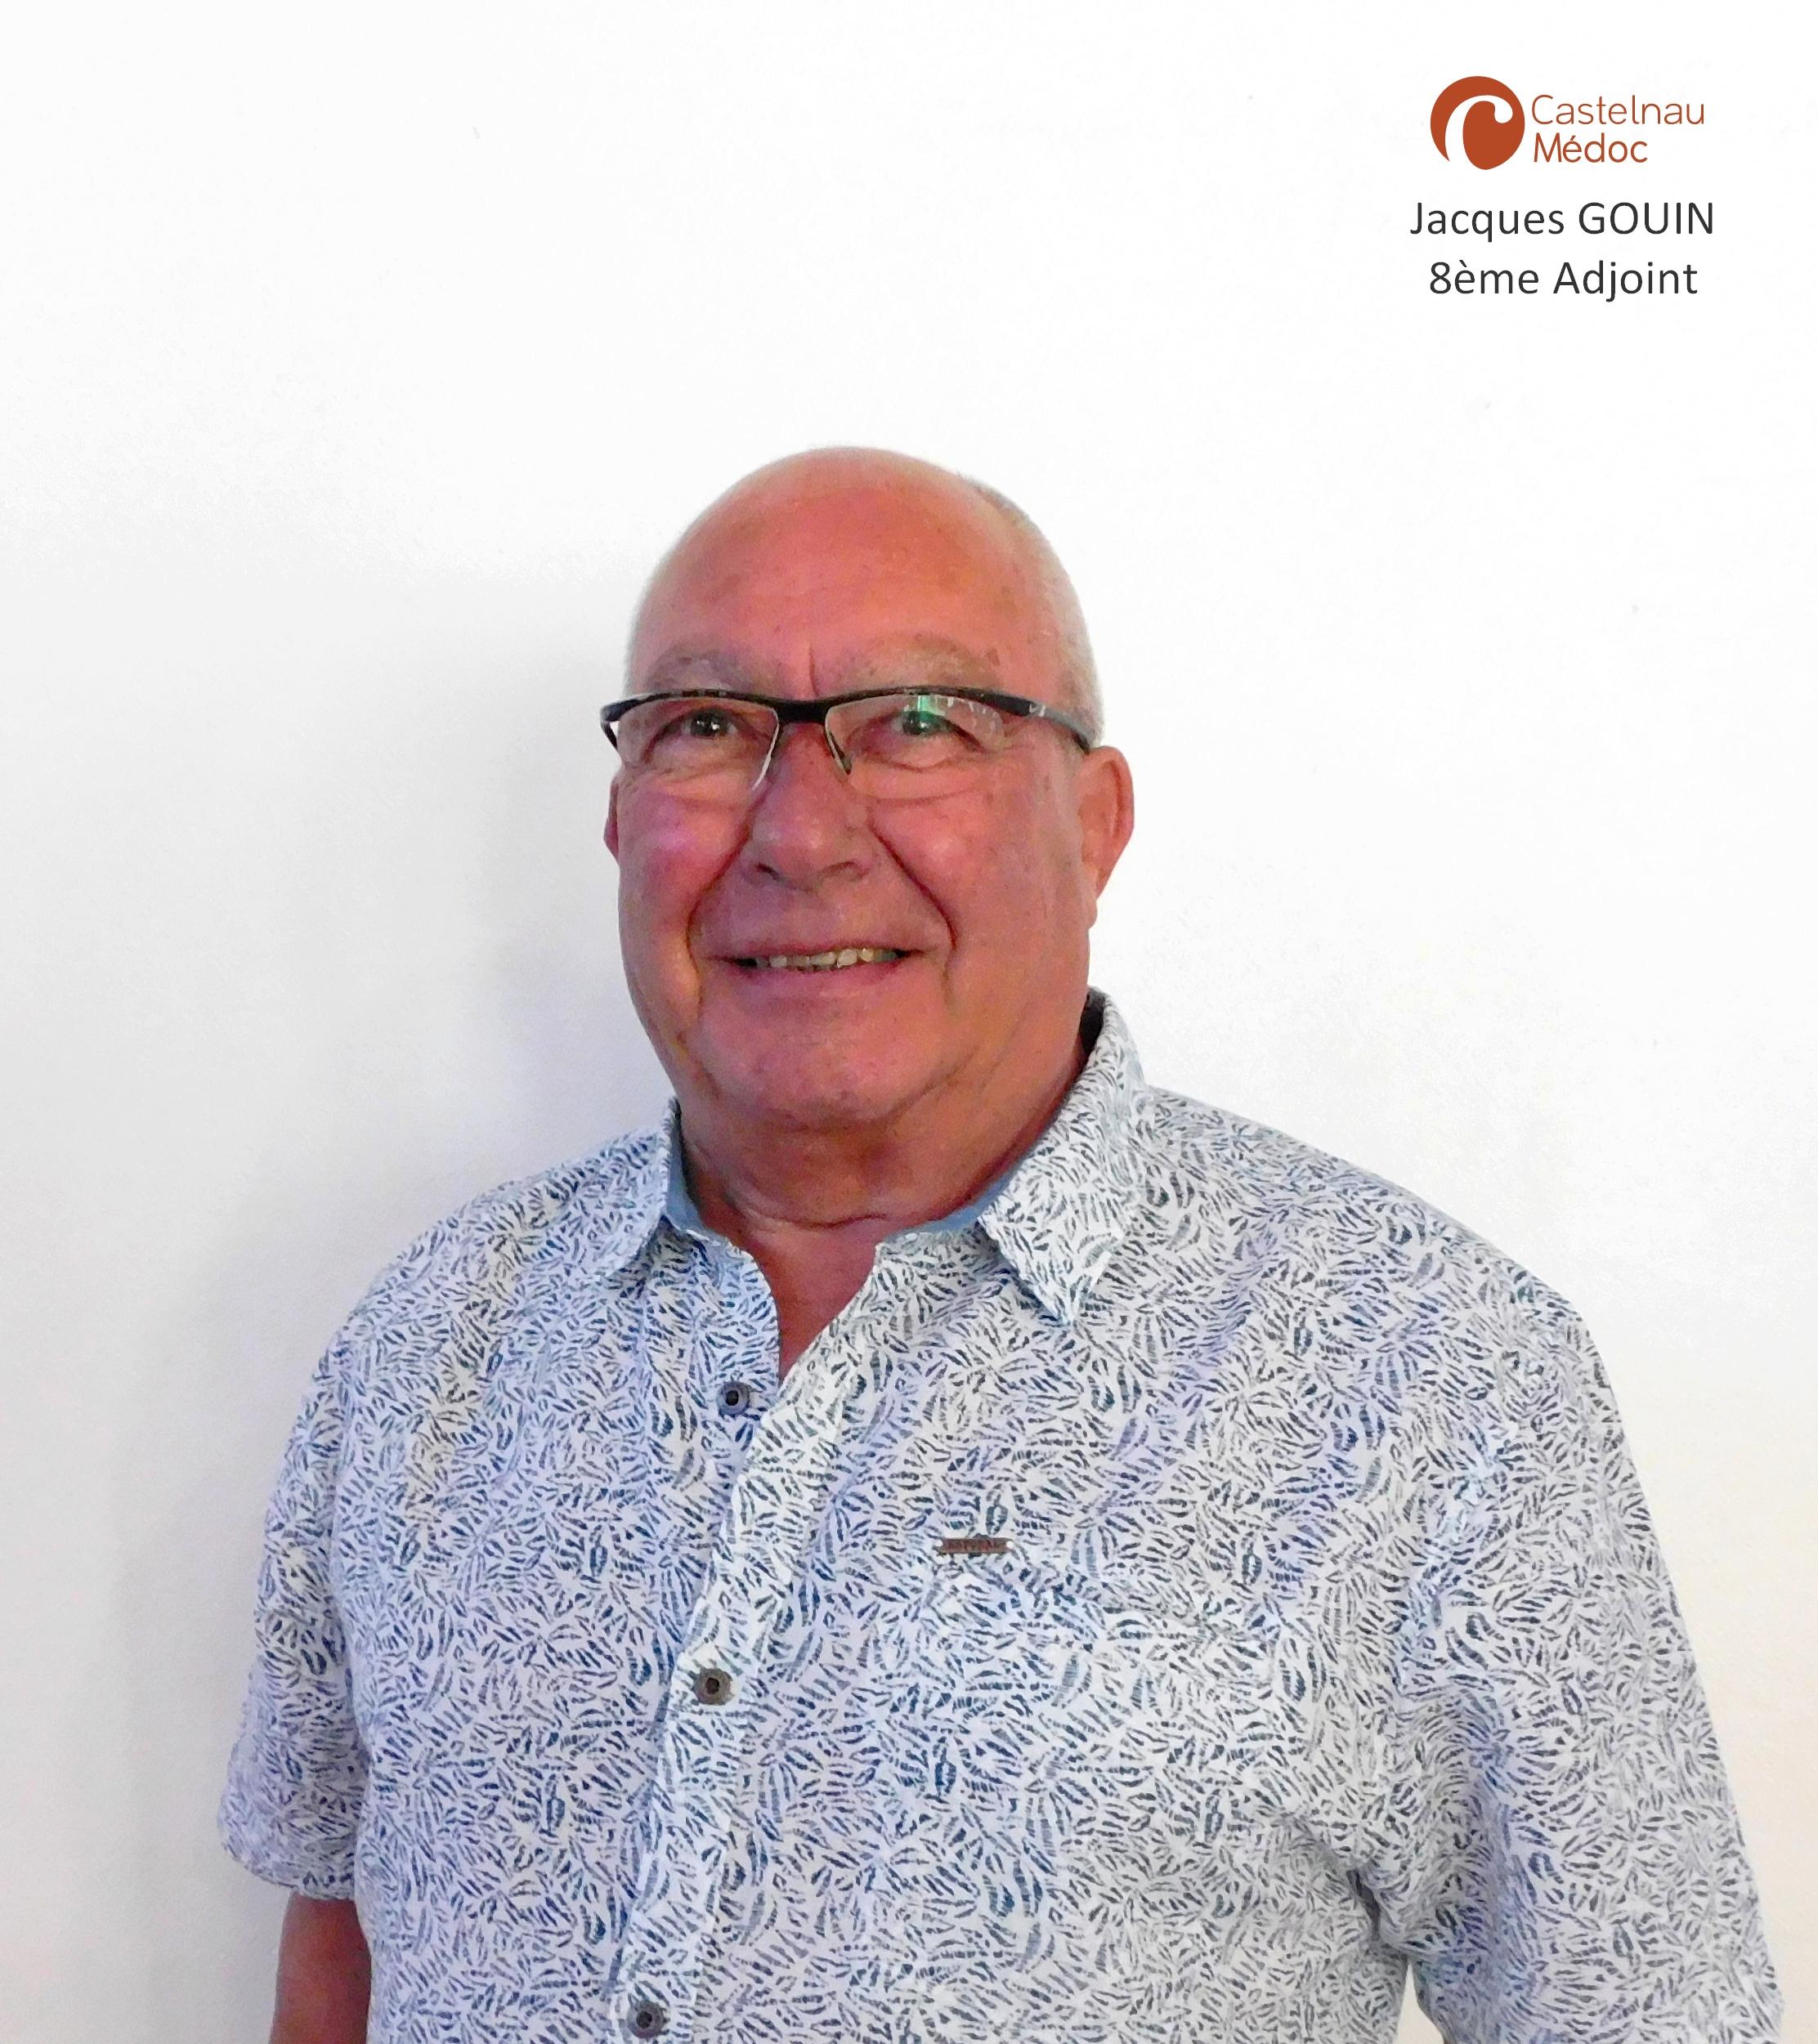 Jacques GOUIN